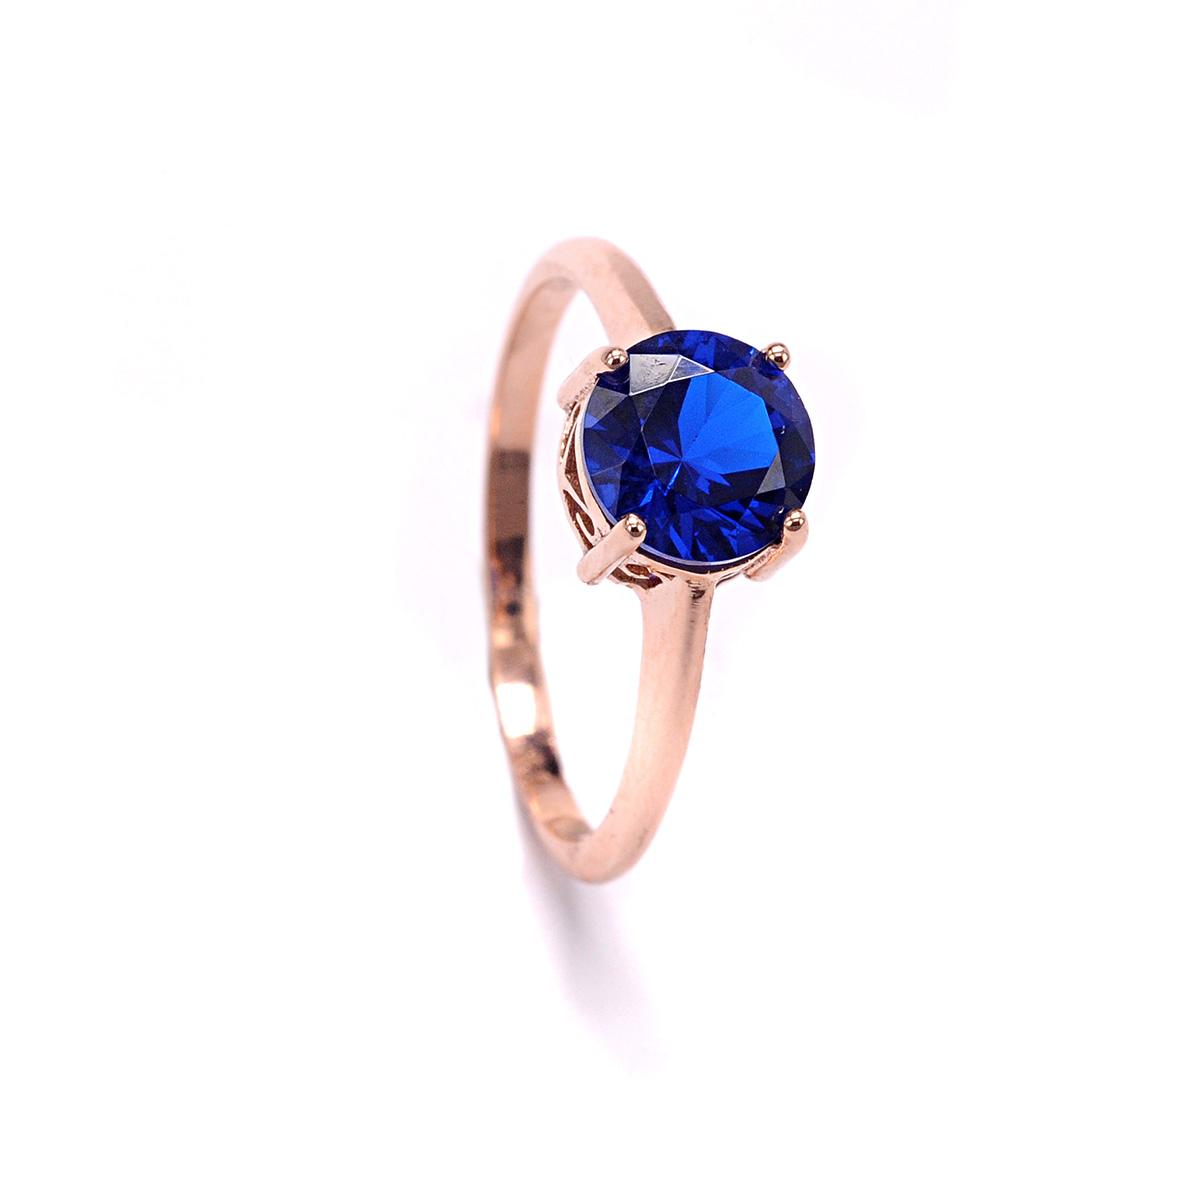 Μονόπετρο δαχτυλίδι μπλε χρυσό Κ14 με ζιργκόν 0161  3237ca22d40